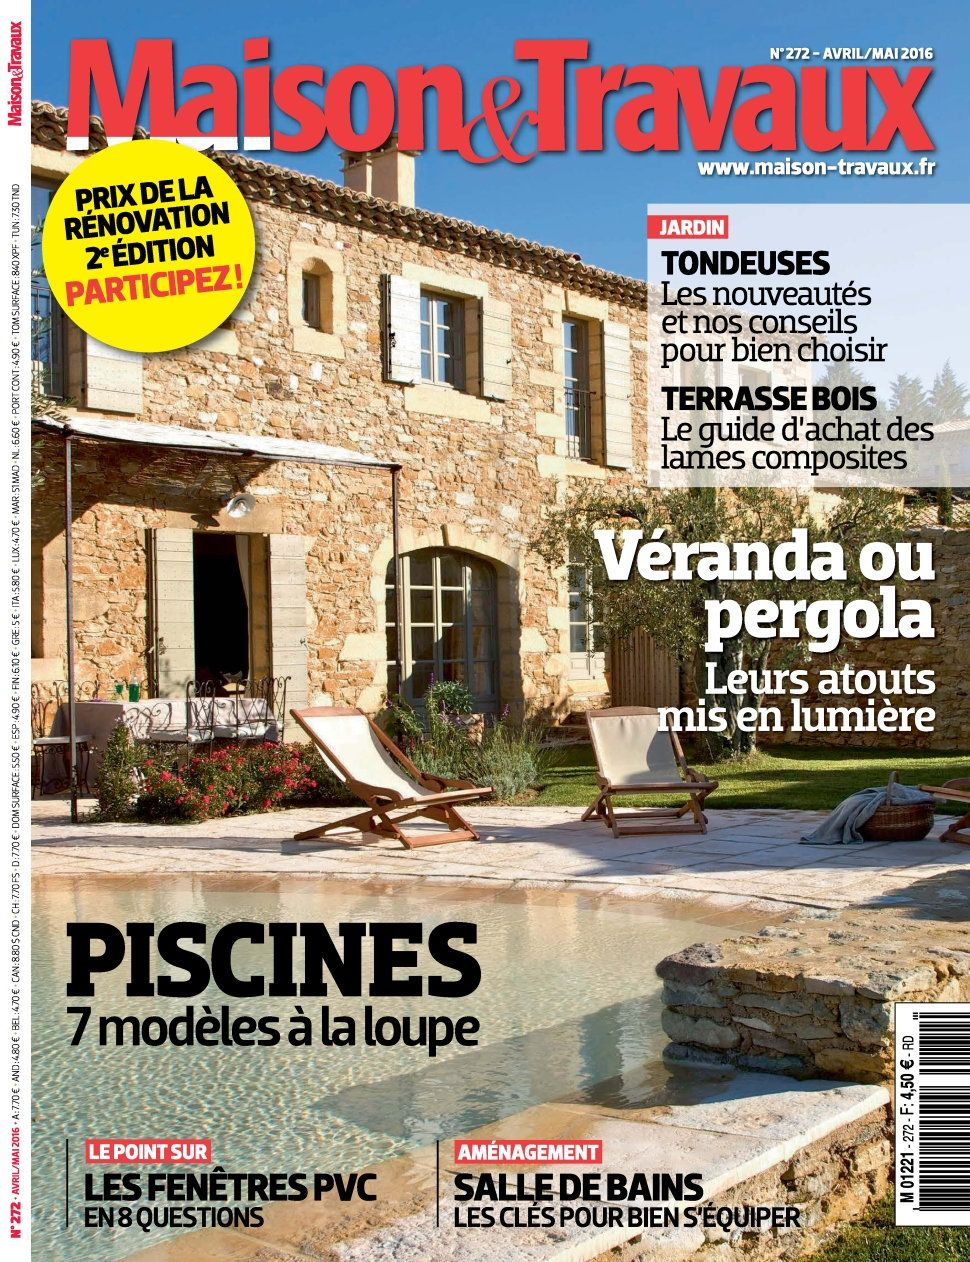 Maison & Travaux Maggio 2016